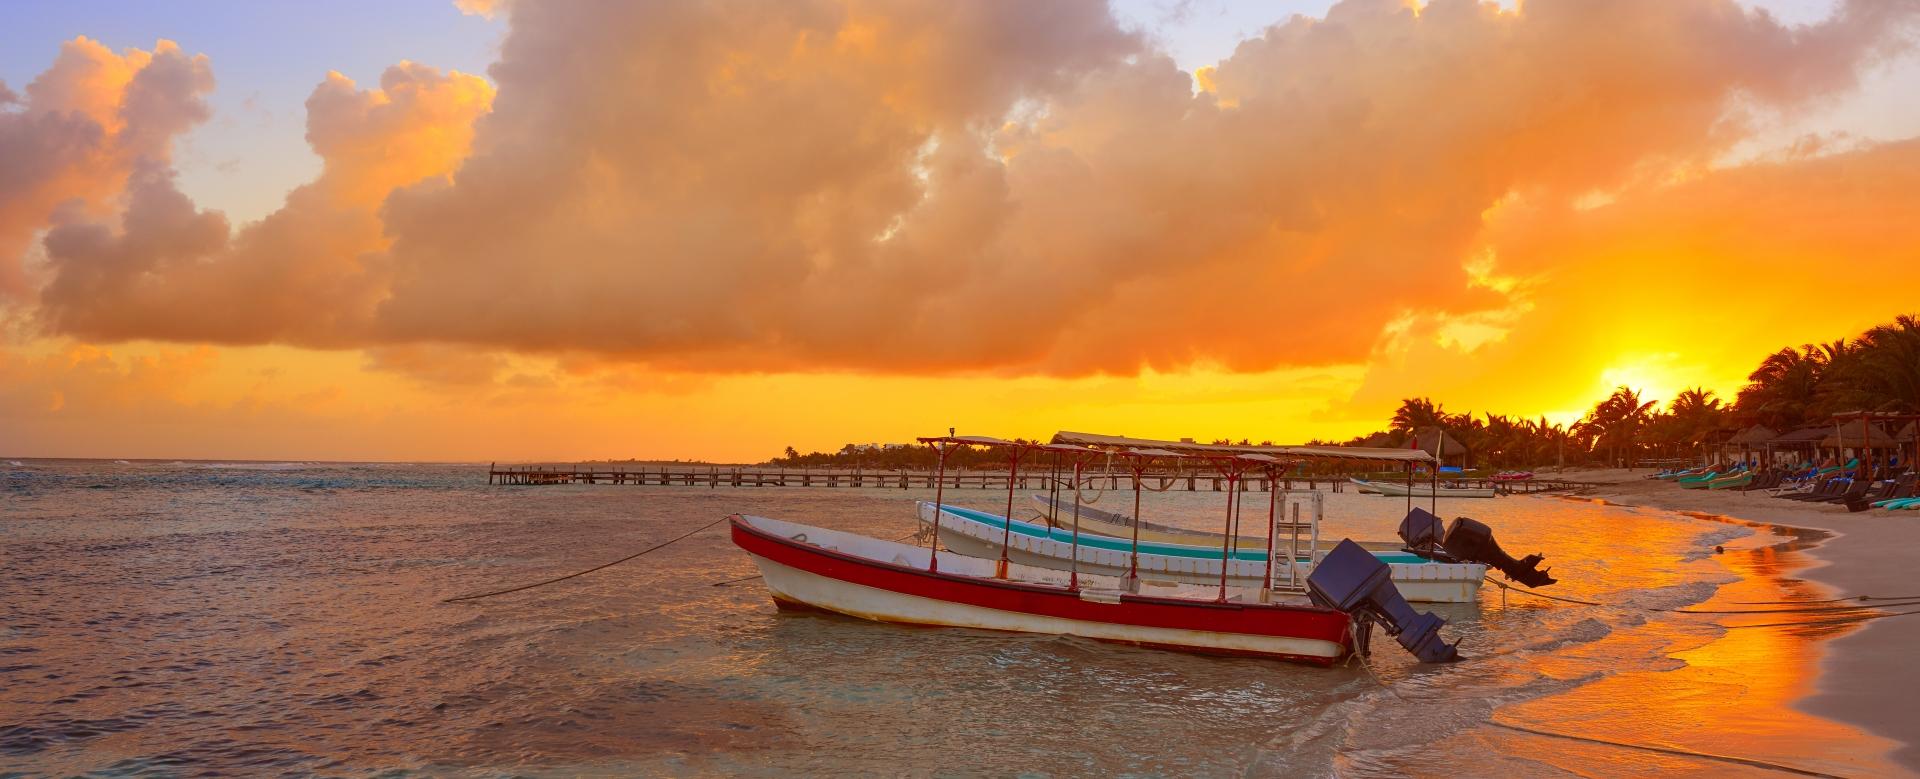 Voyage en véhicule : Yucatán, joyau du mexique